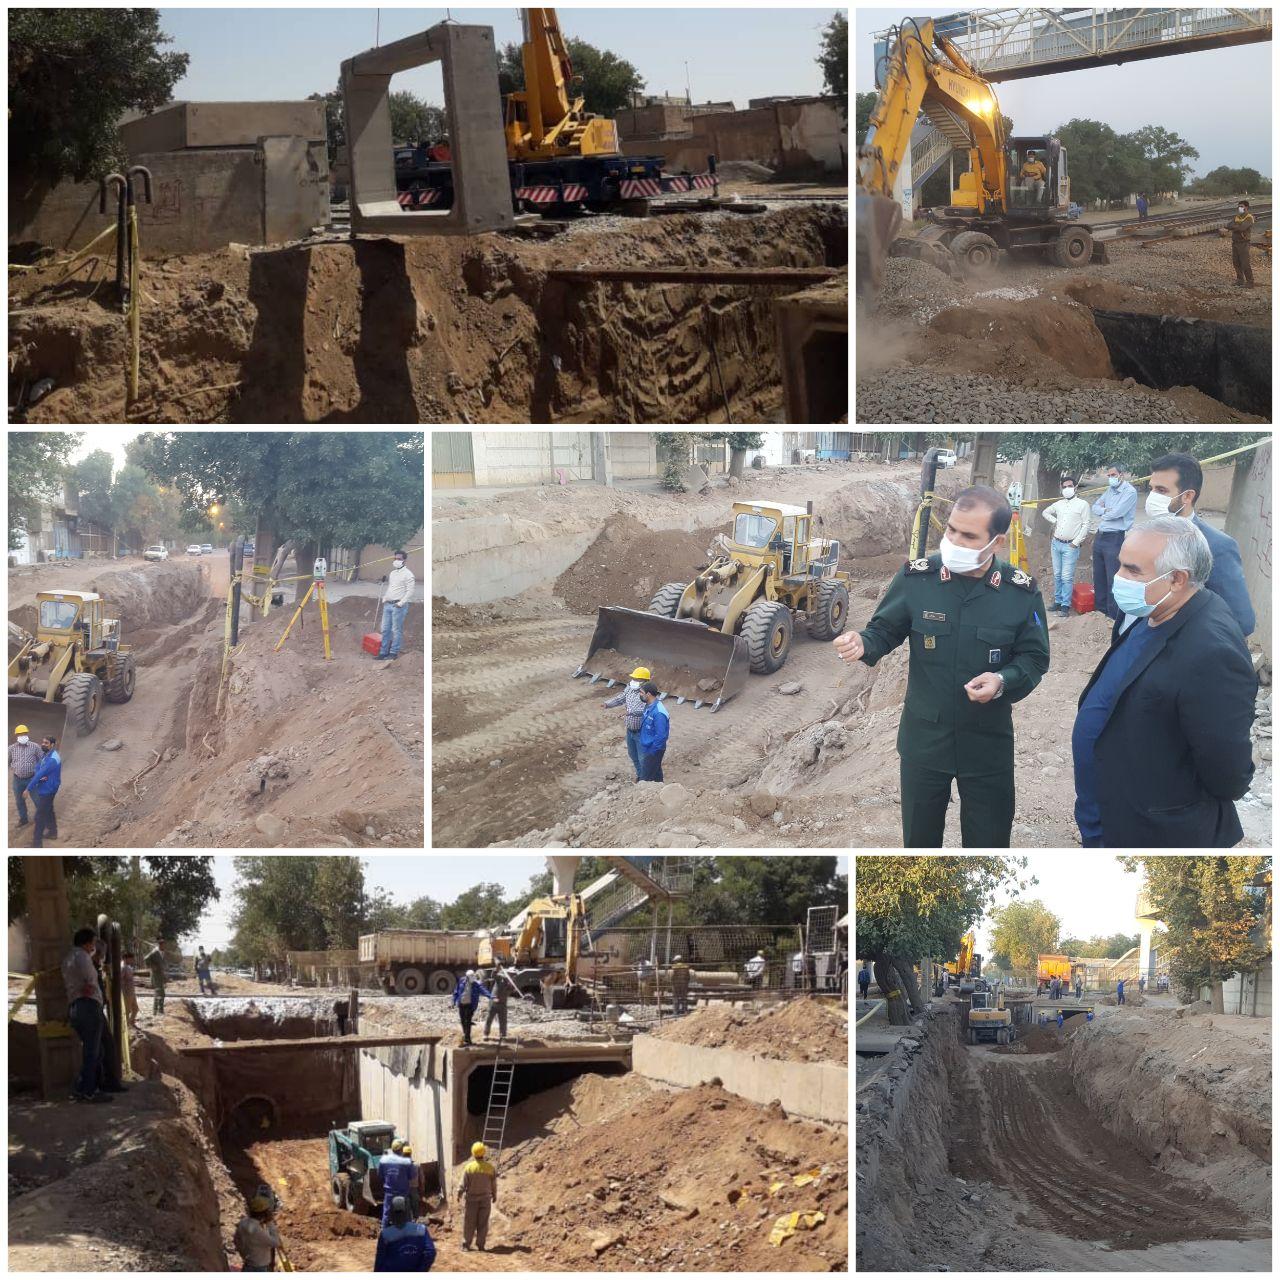 ⭕ شروع عملیات اجرایی باکس گذاری زیر گذر خیابان عمار یاسر (خط کاشمر قدیم) از ساعت ۳ بامداد یکم شهریور ماه ۱۴۰۰ آغاز شد